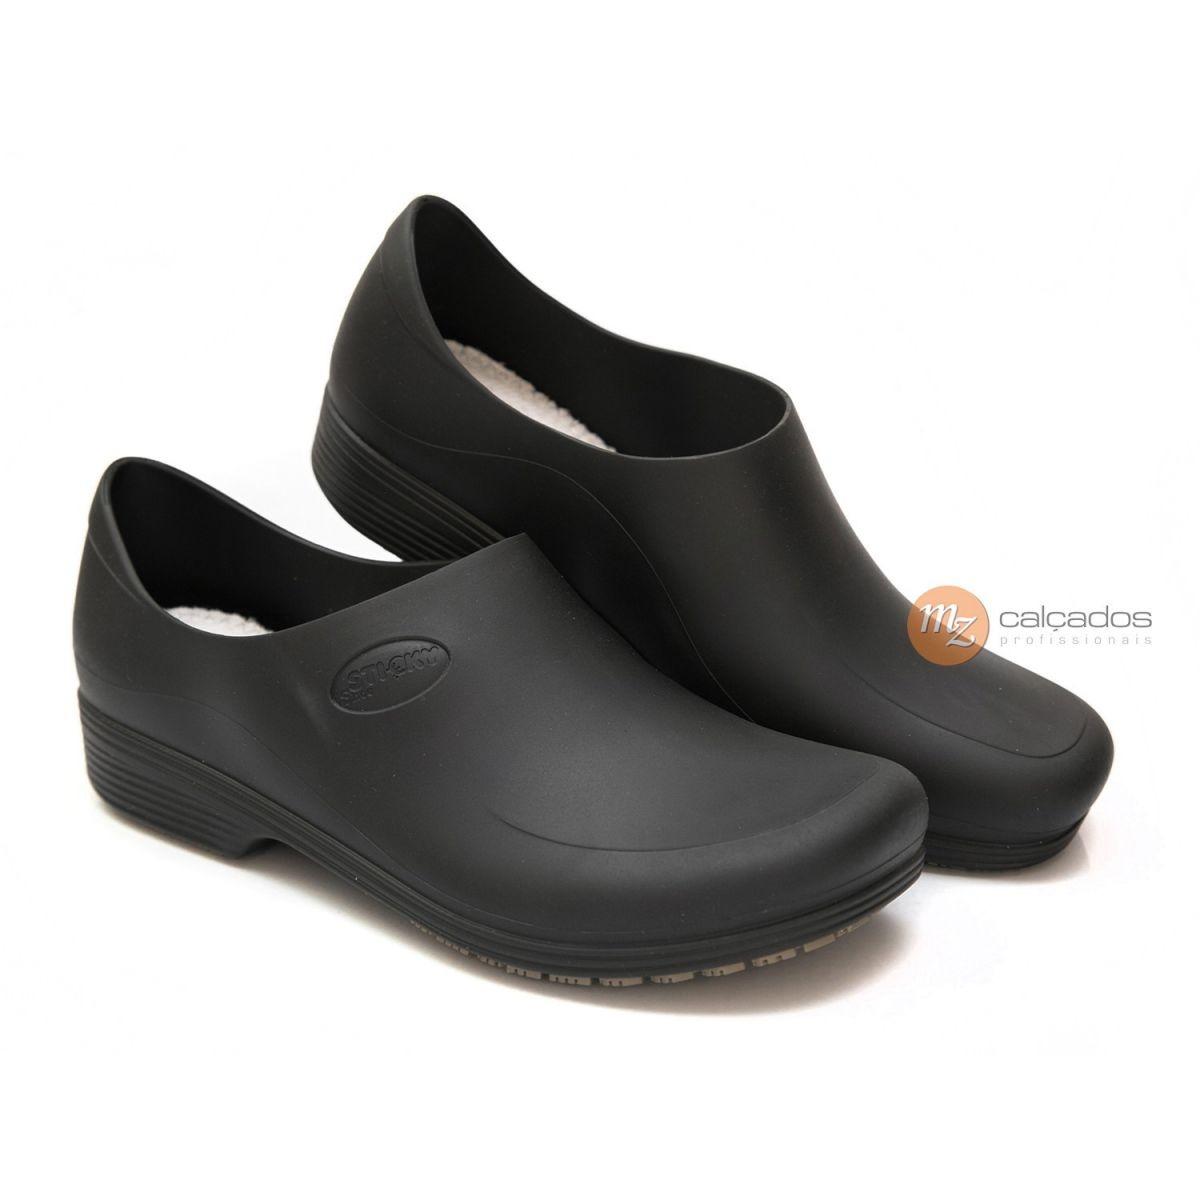 a12a66da72a3d sapato antiderrapante sticky shoe canada epi preto ca 39674. Carregando  zoom.